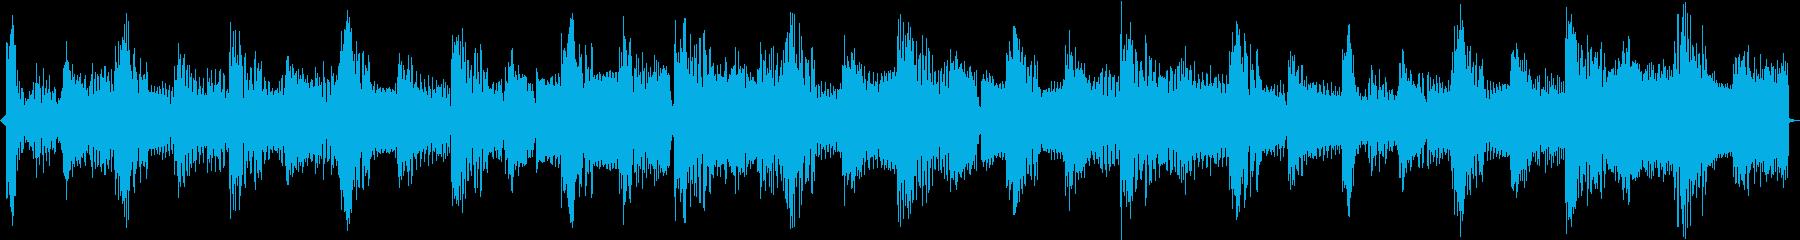 わくわくするような4小節ループの再生済みの波形